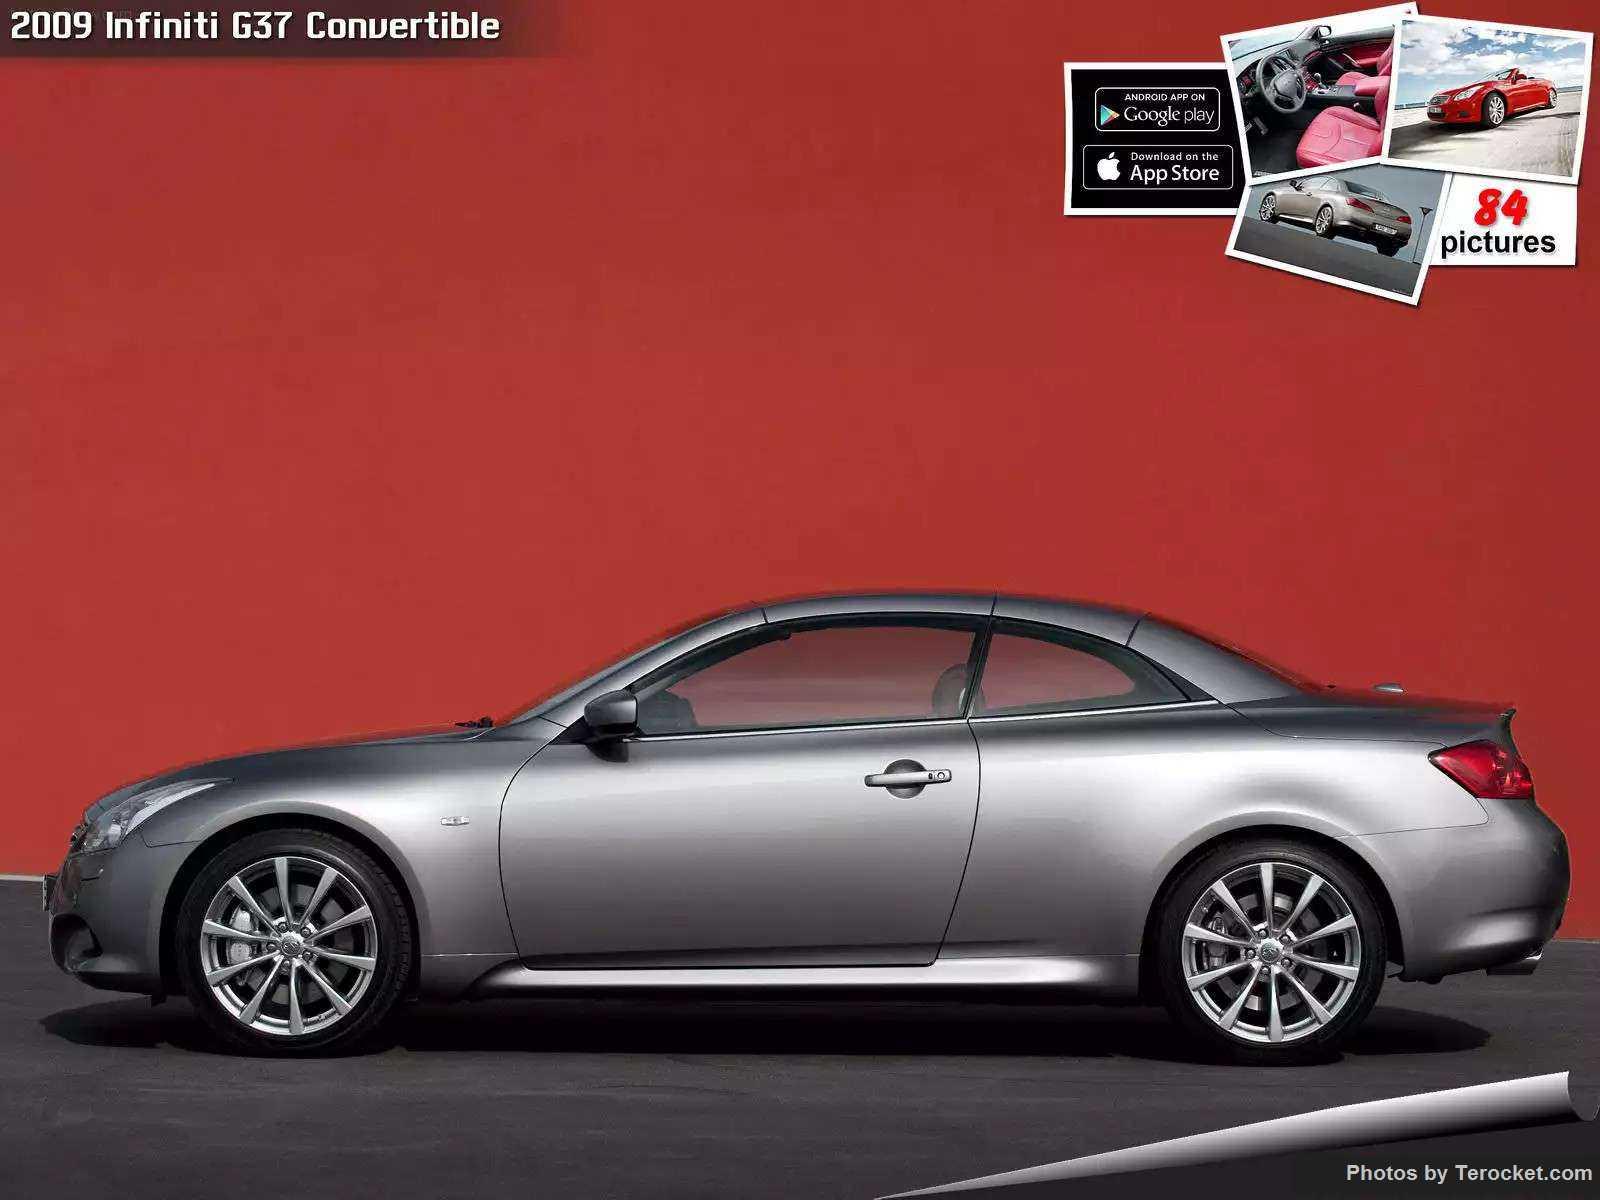 Hình ảnh xe ô tô Infiniti G37 Convertible 2009 & nội ngoại thất